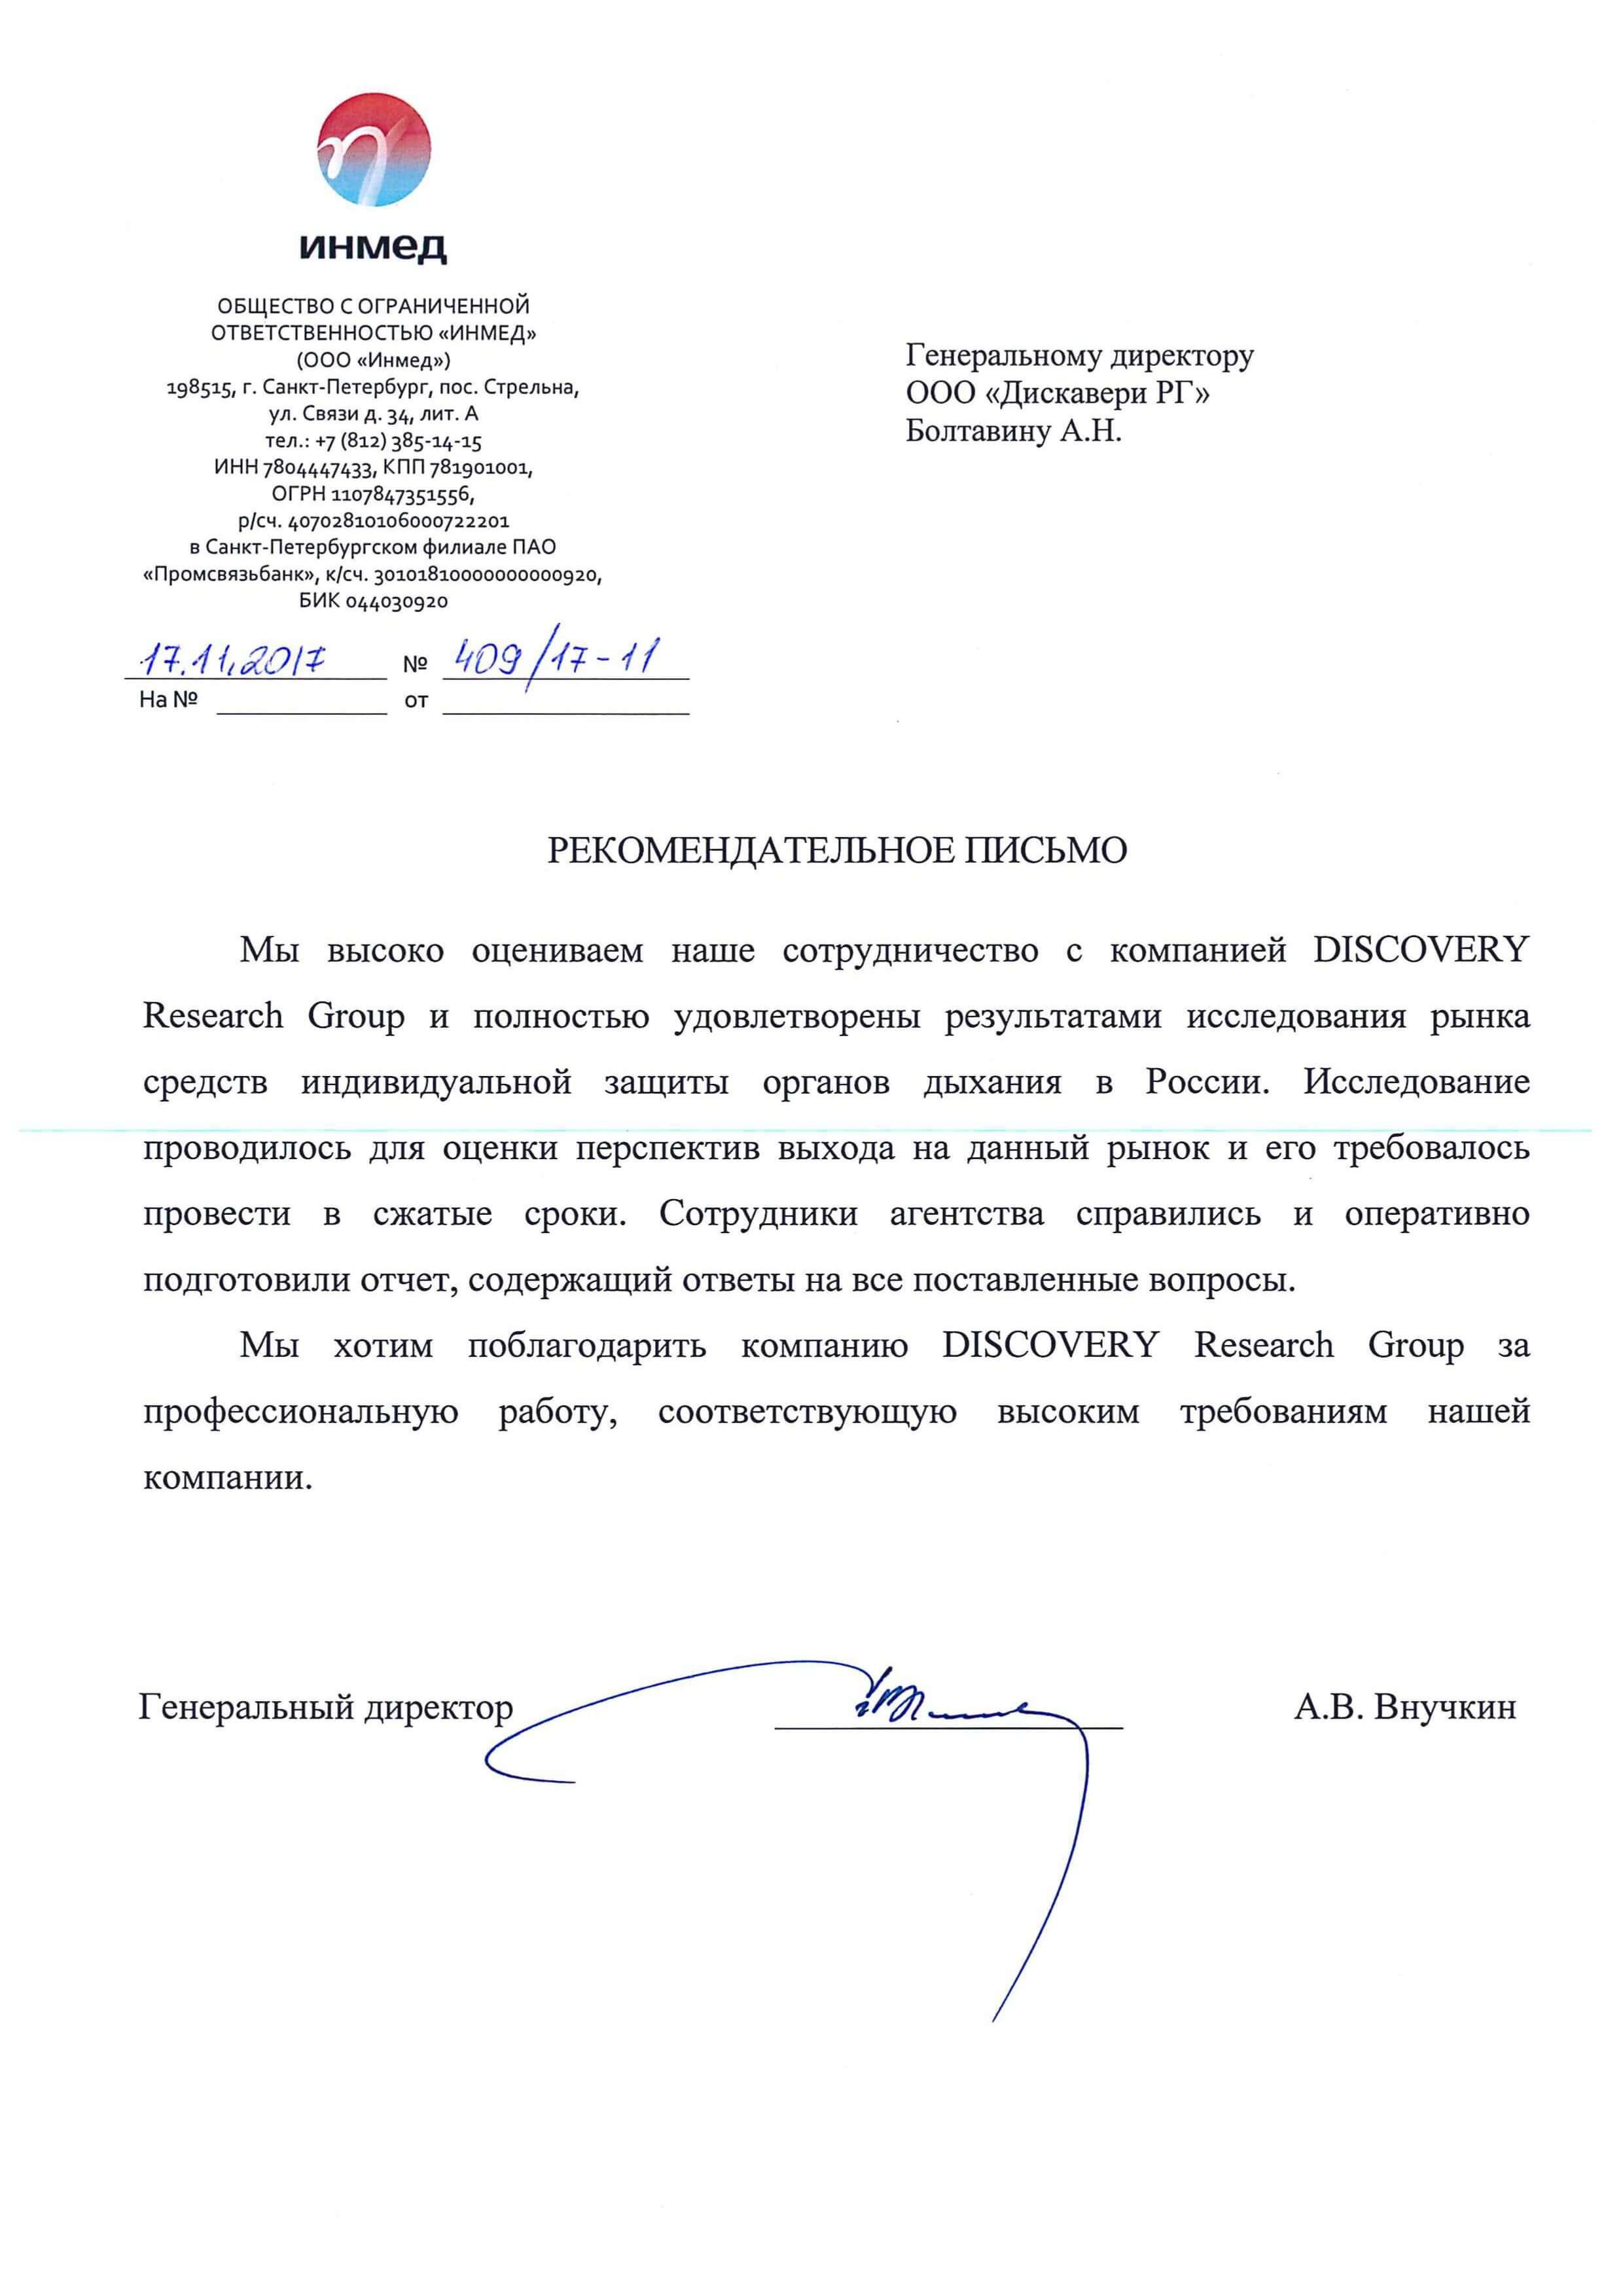 http://drgroup.ru/images/imed.jpg